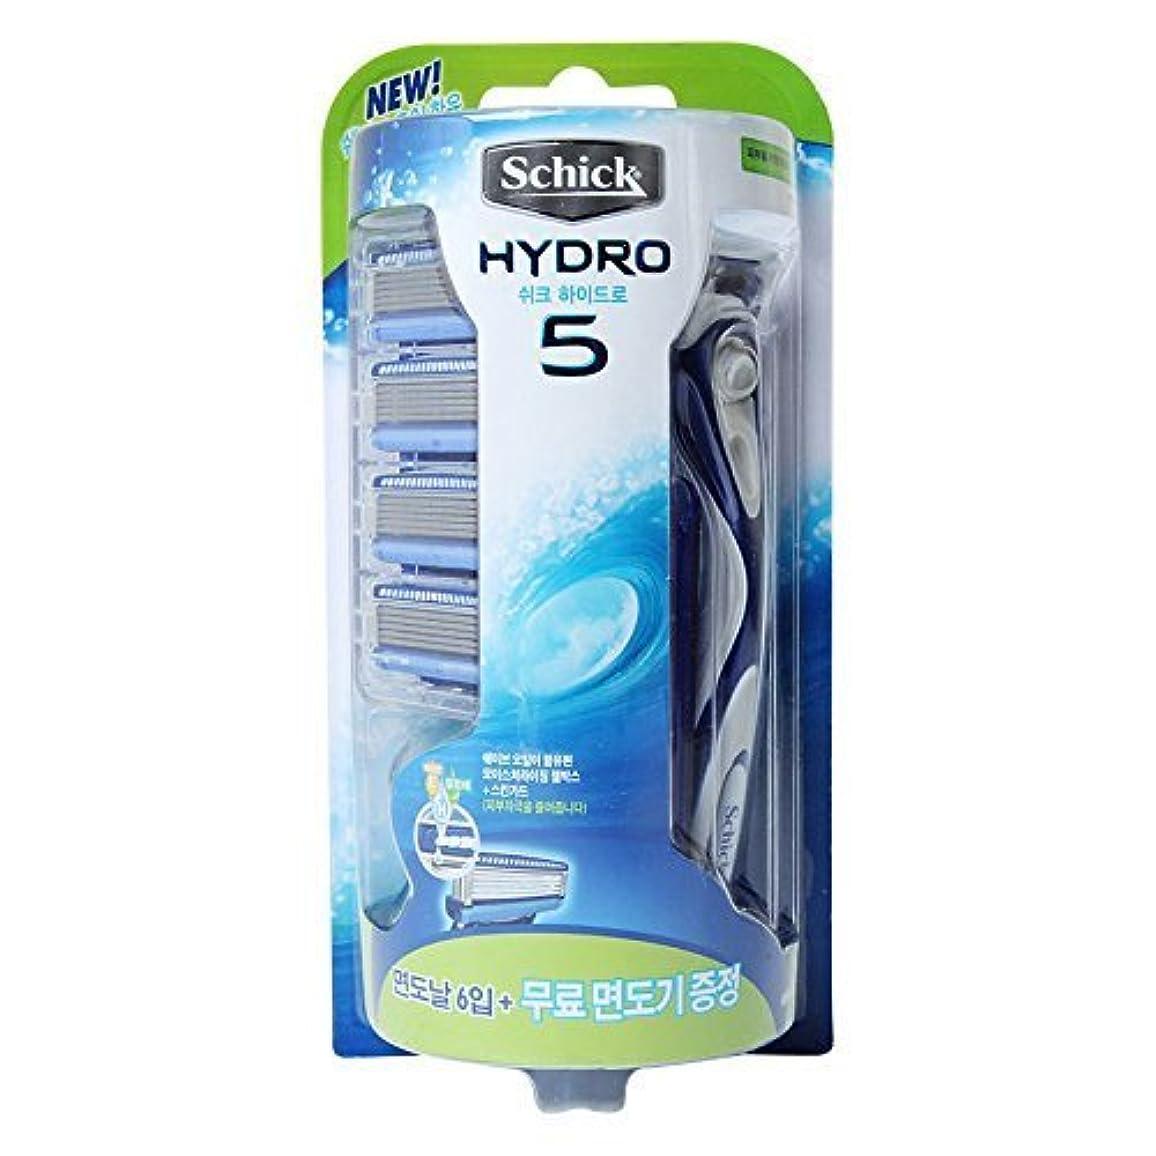 マエストロ十二精算Schick HYDRO 5 Razor / razor blade 6pcs レザーブレードを含む [並行輸入品]